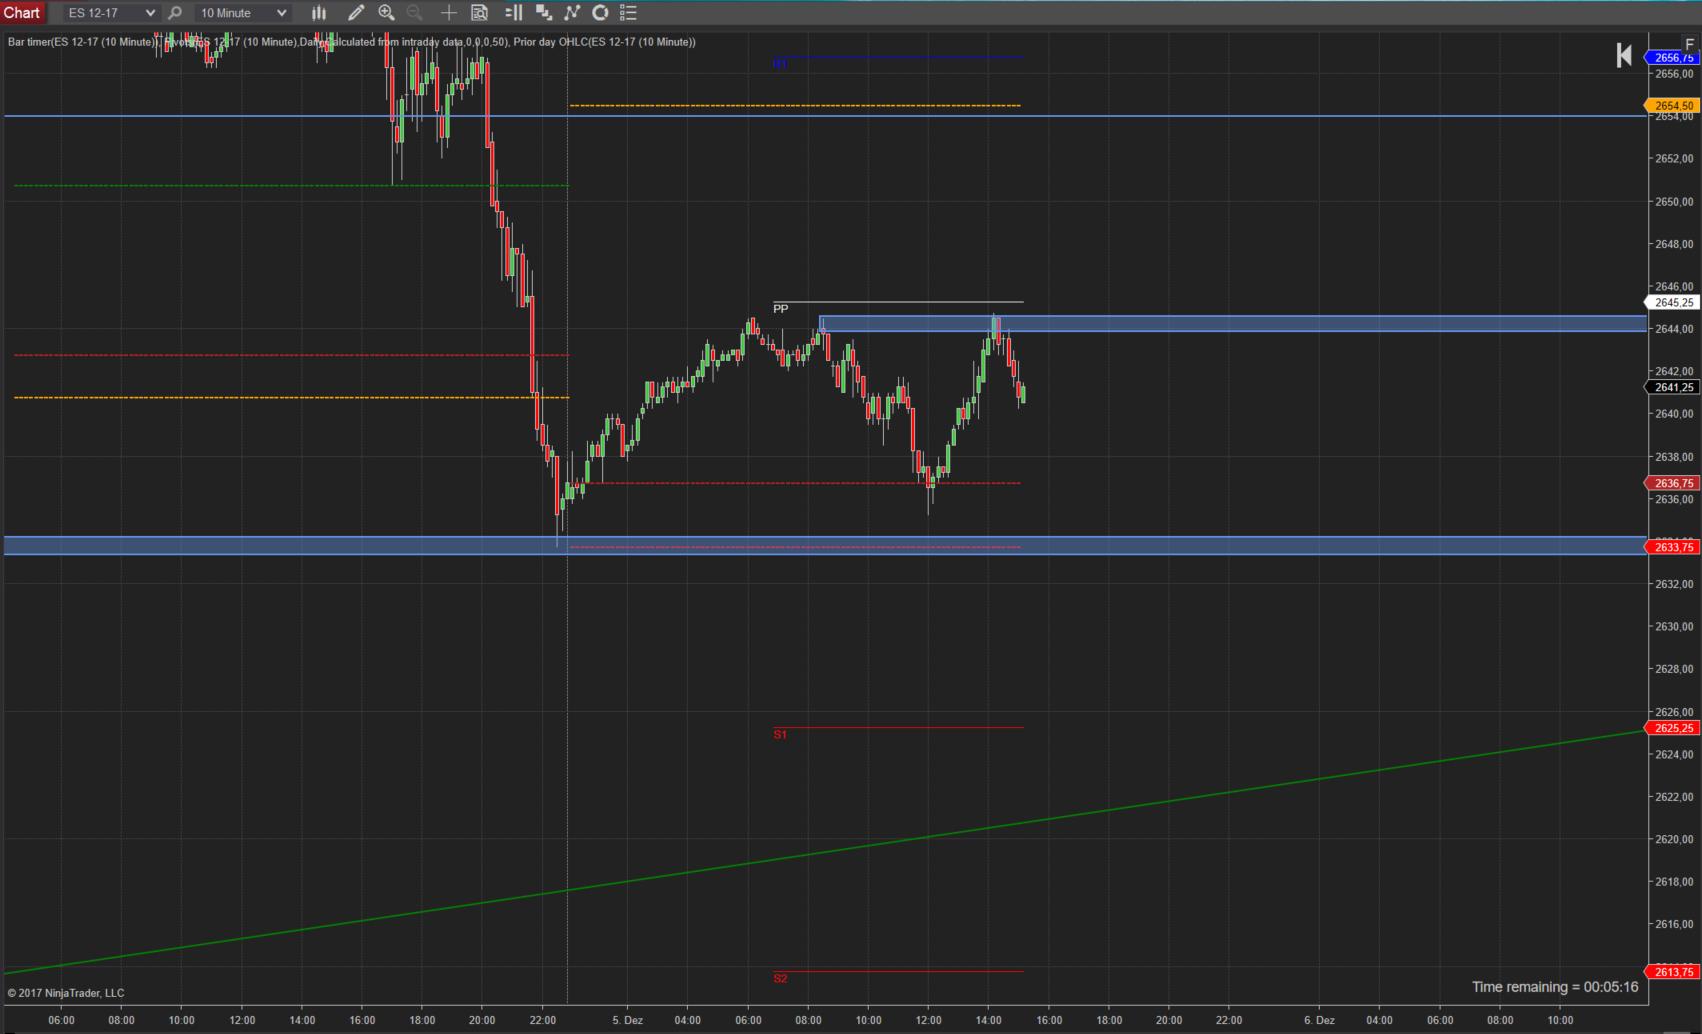 Trading im SPX Gap ist geschlossen neuer Anlauf ATH